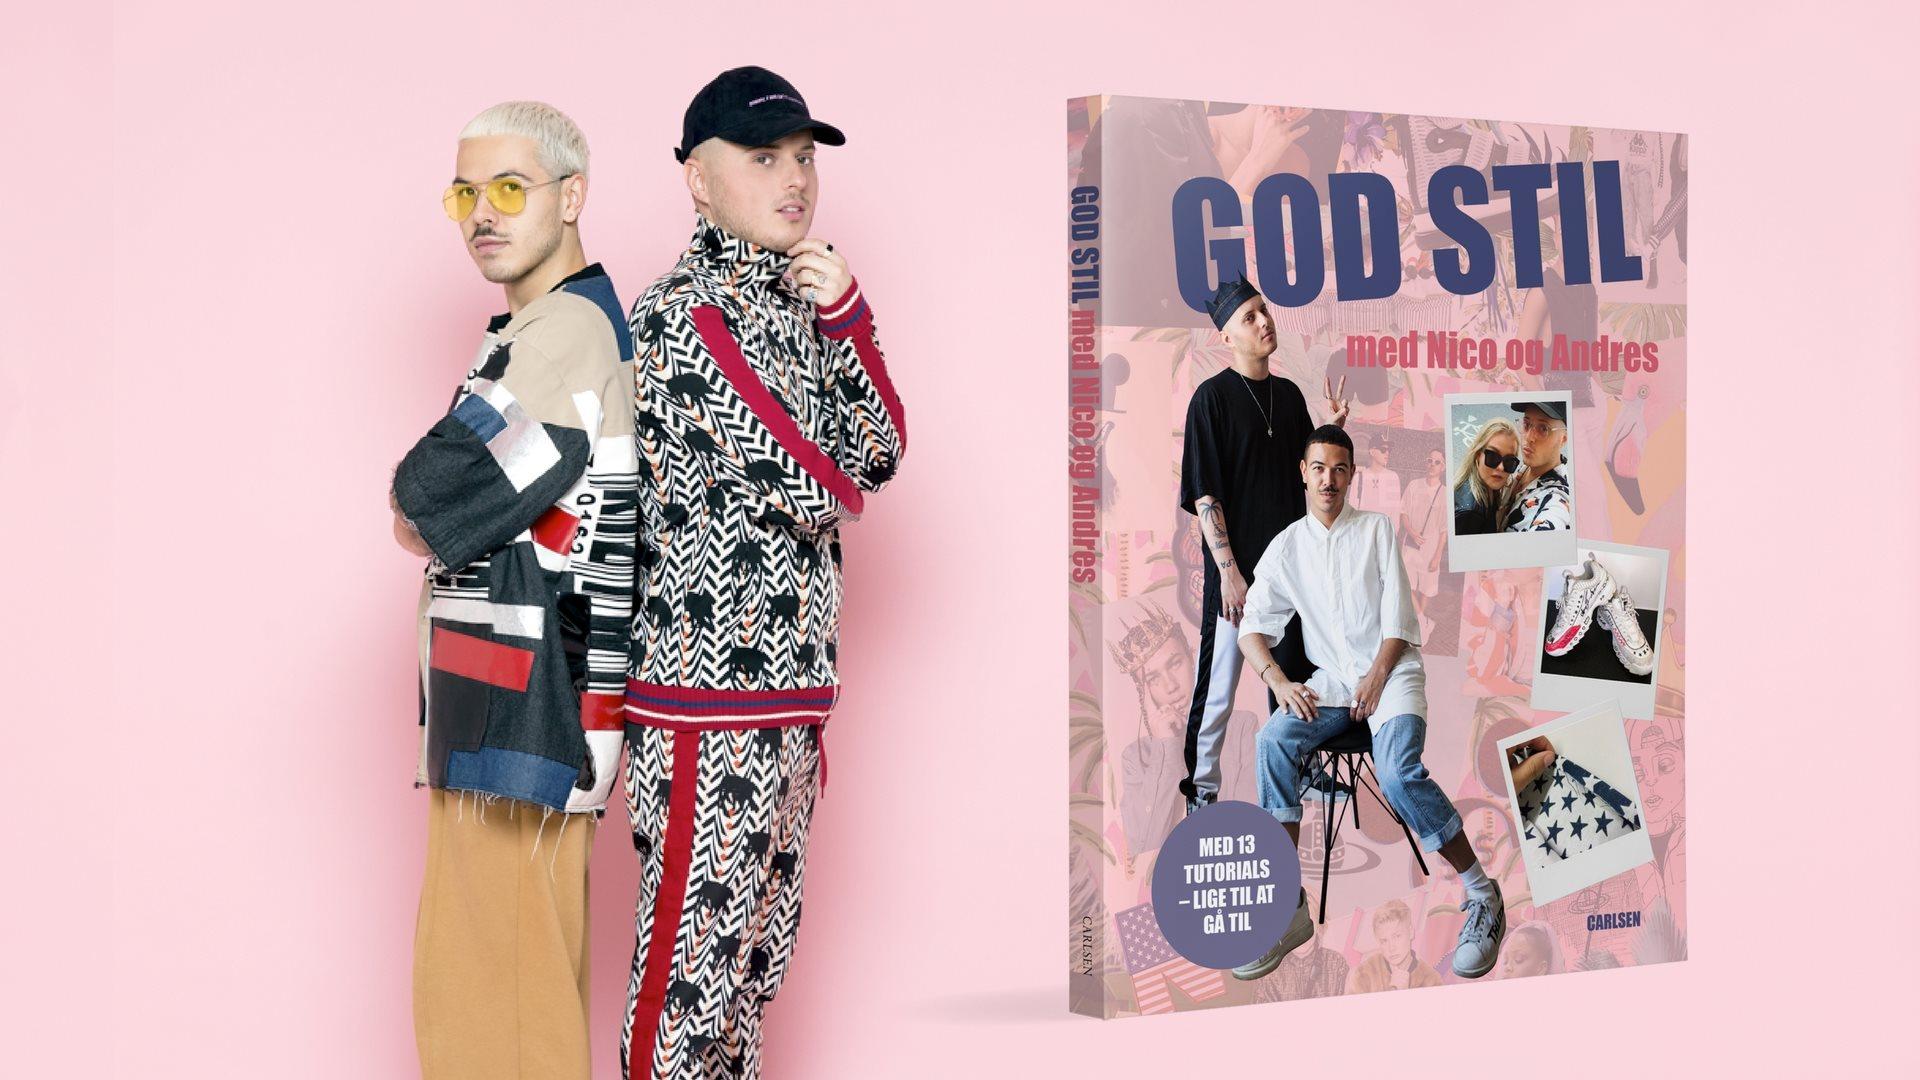 God stil Nico og Andres, Nico og andres, god stil, genbrug, genbrugstøj, restyle, designpigerne, genbrugsfund, restyle dit tøj